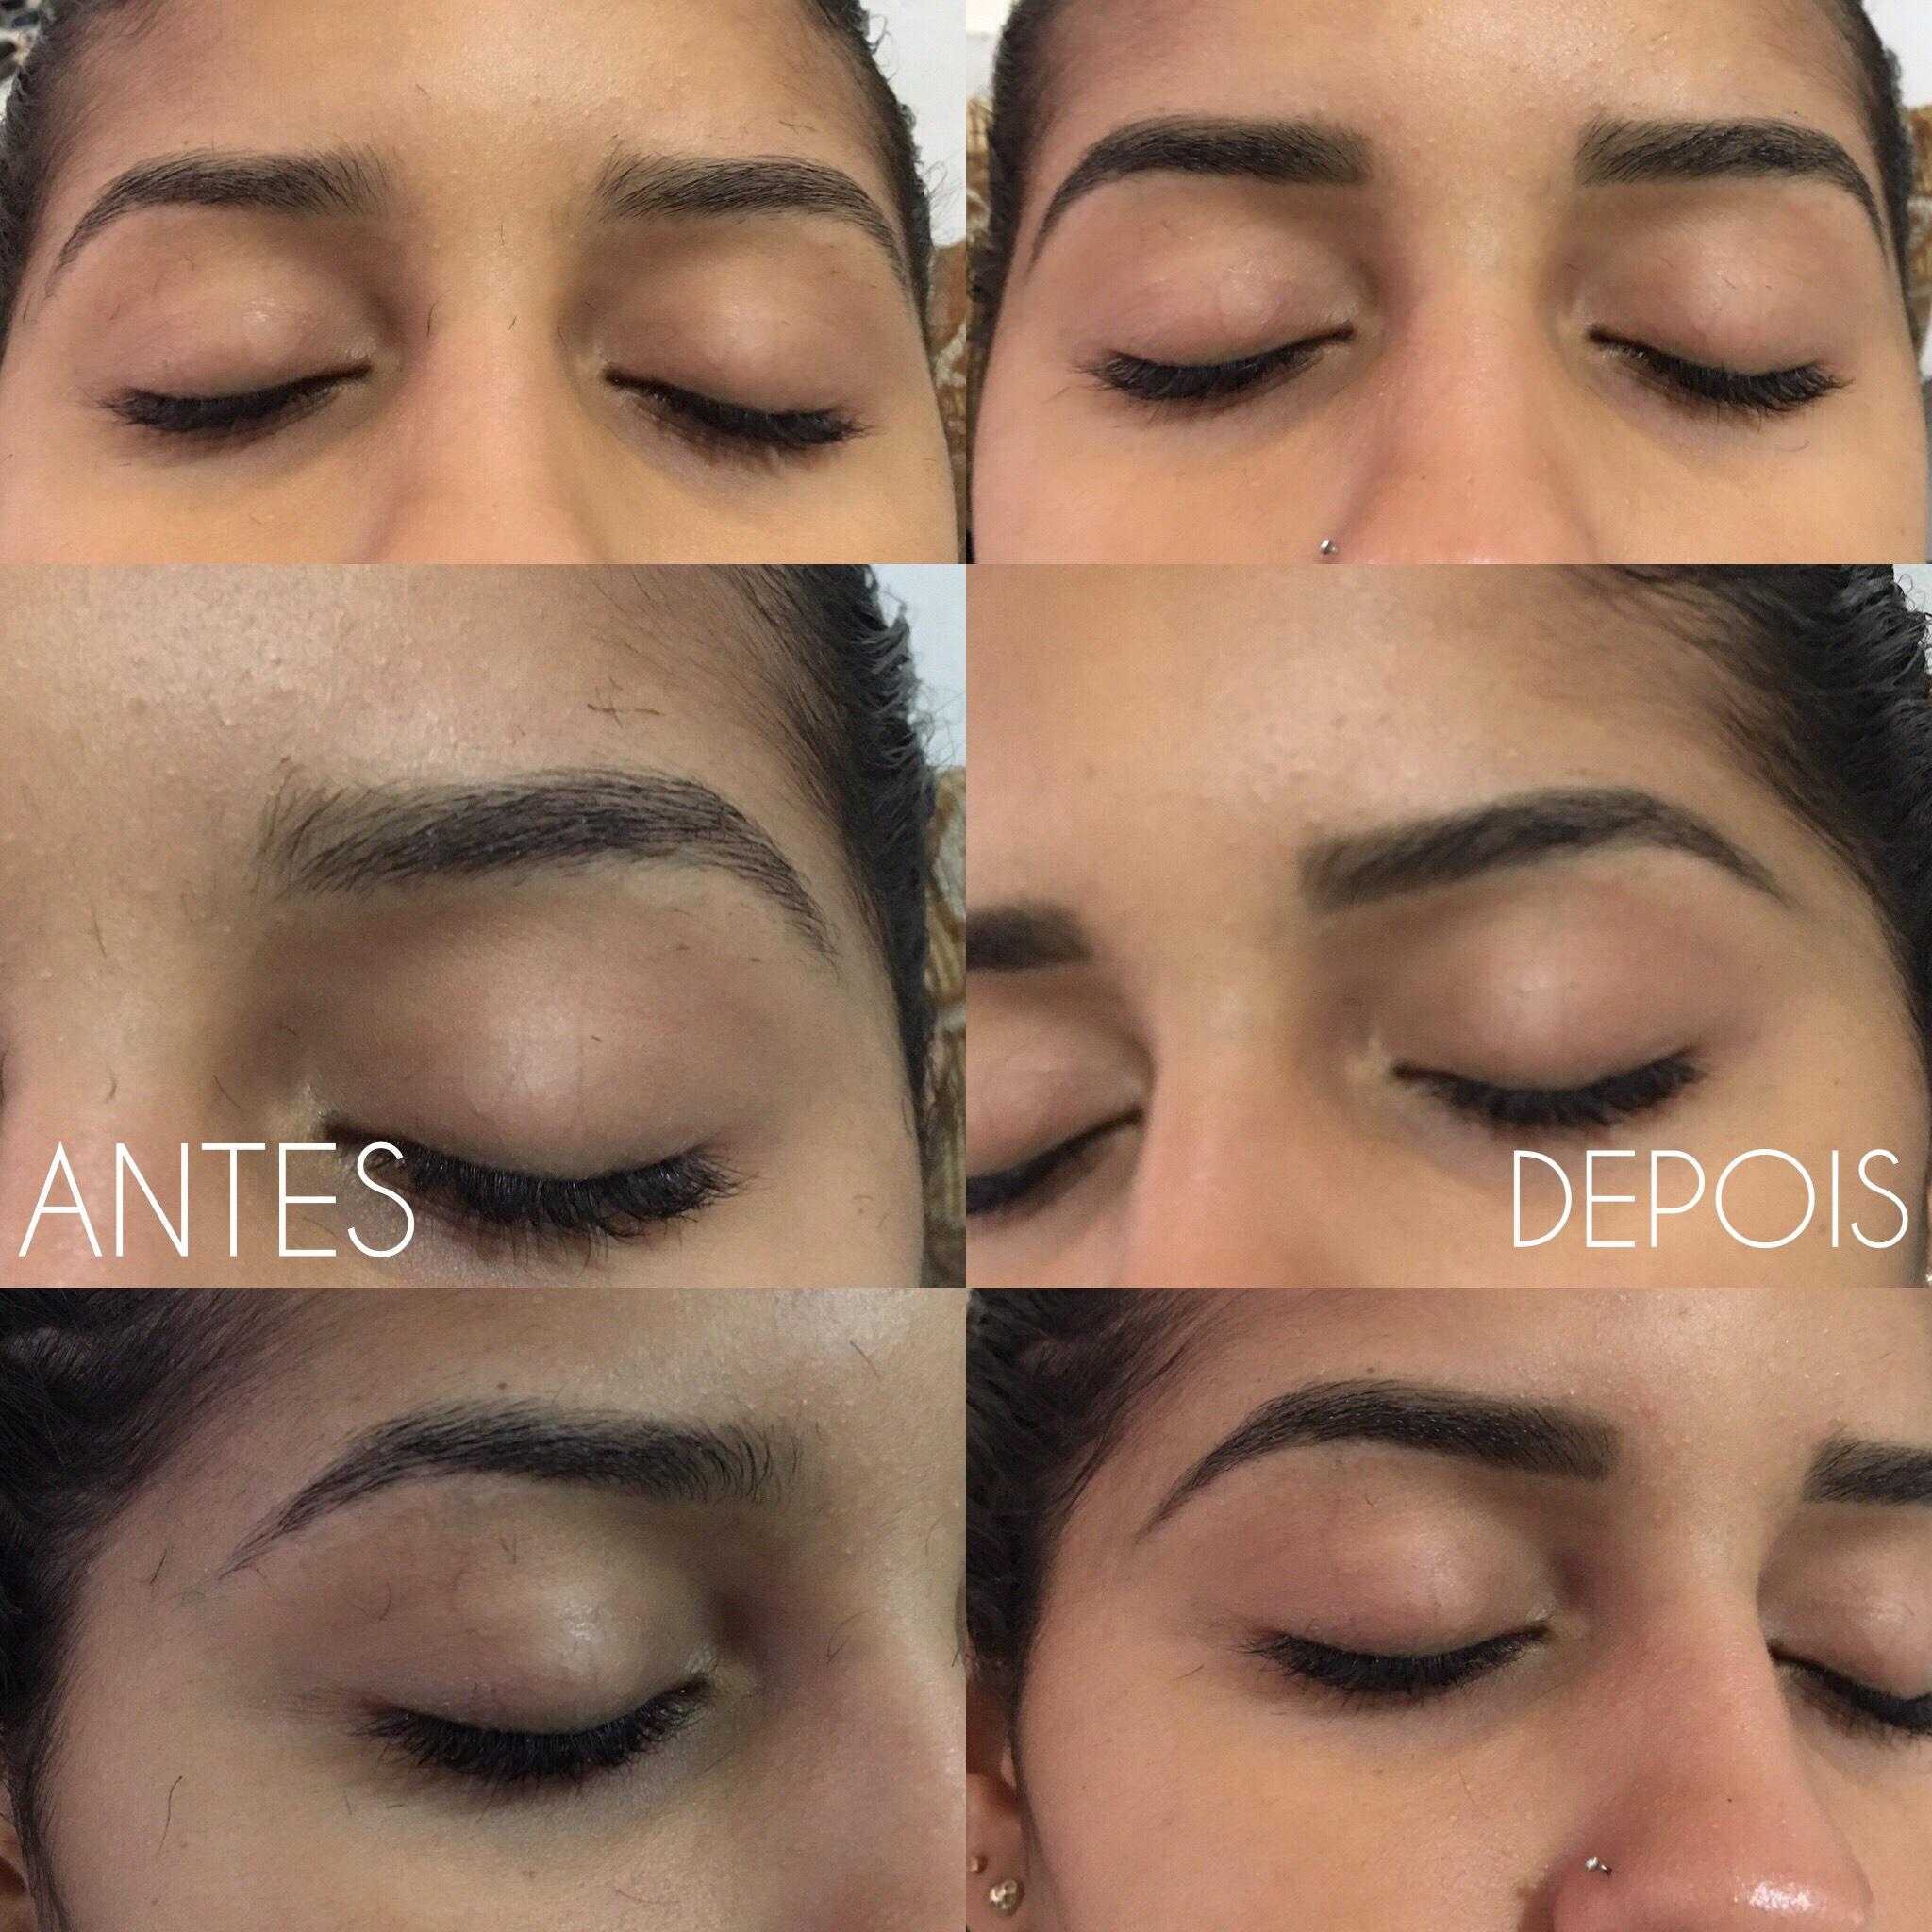 Design de sobrancelhas! #designdesobrancelhas #sp #sobrancelha  estética designer de sobrancelhas micropigmentador(a)